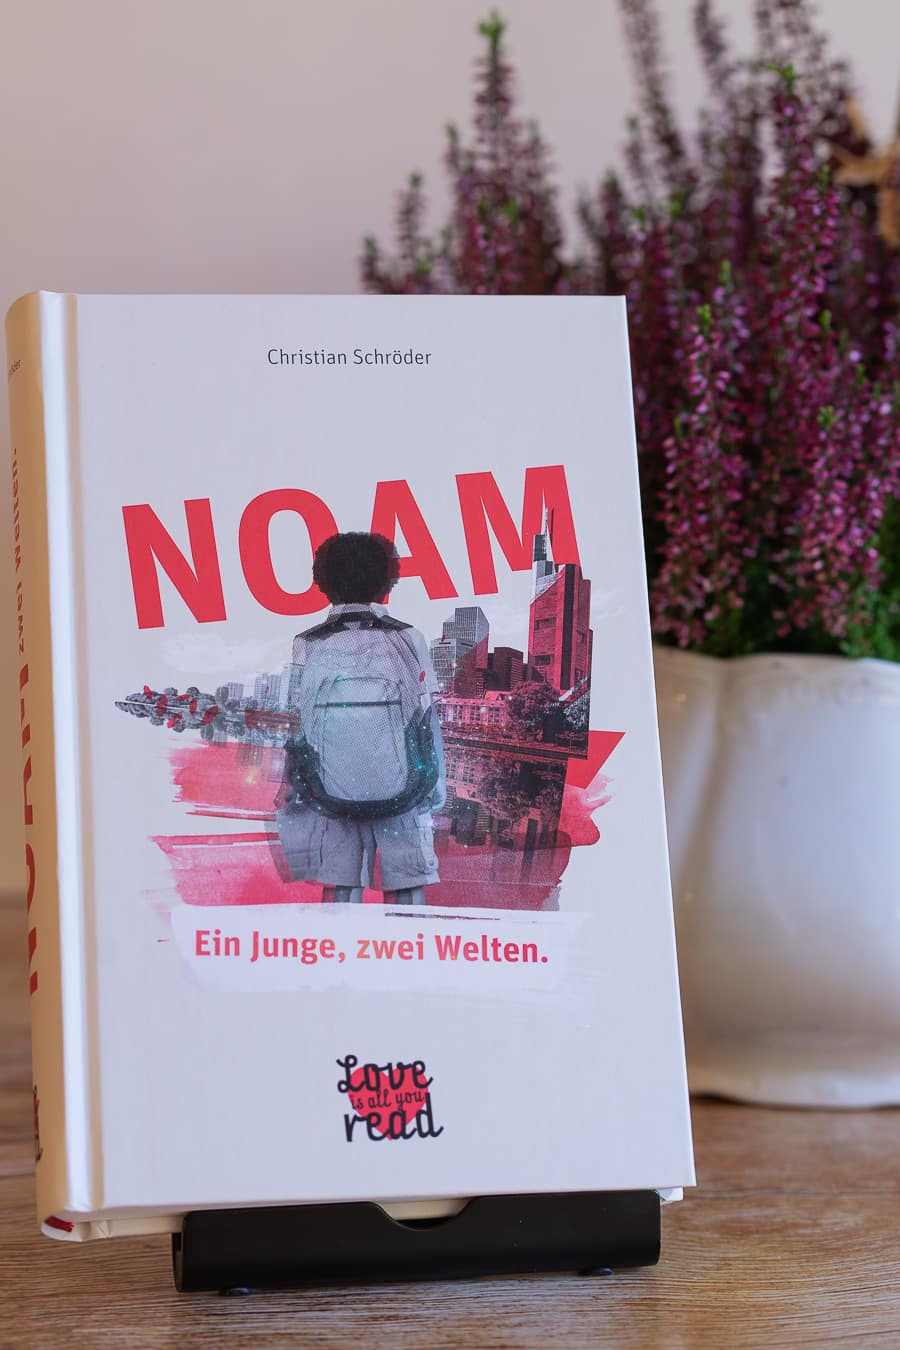 Noam - ein Junge, zwei Welten